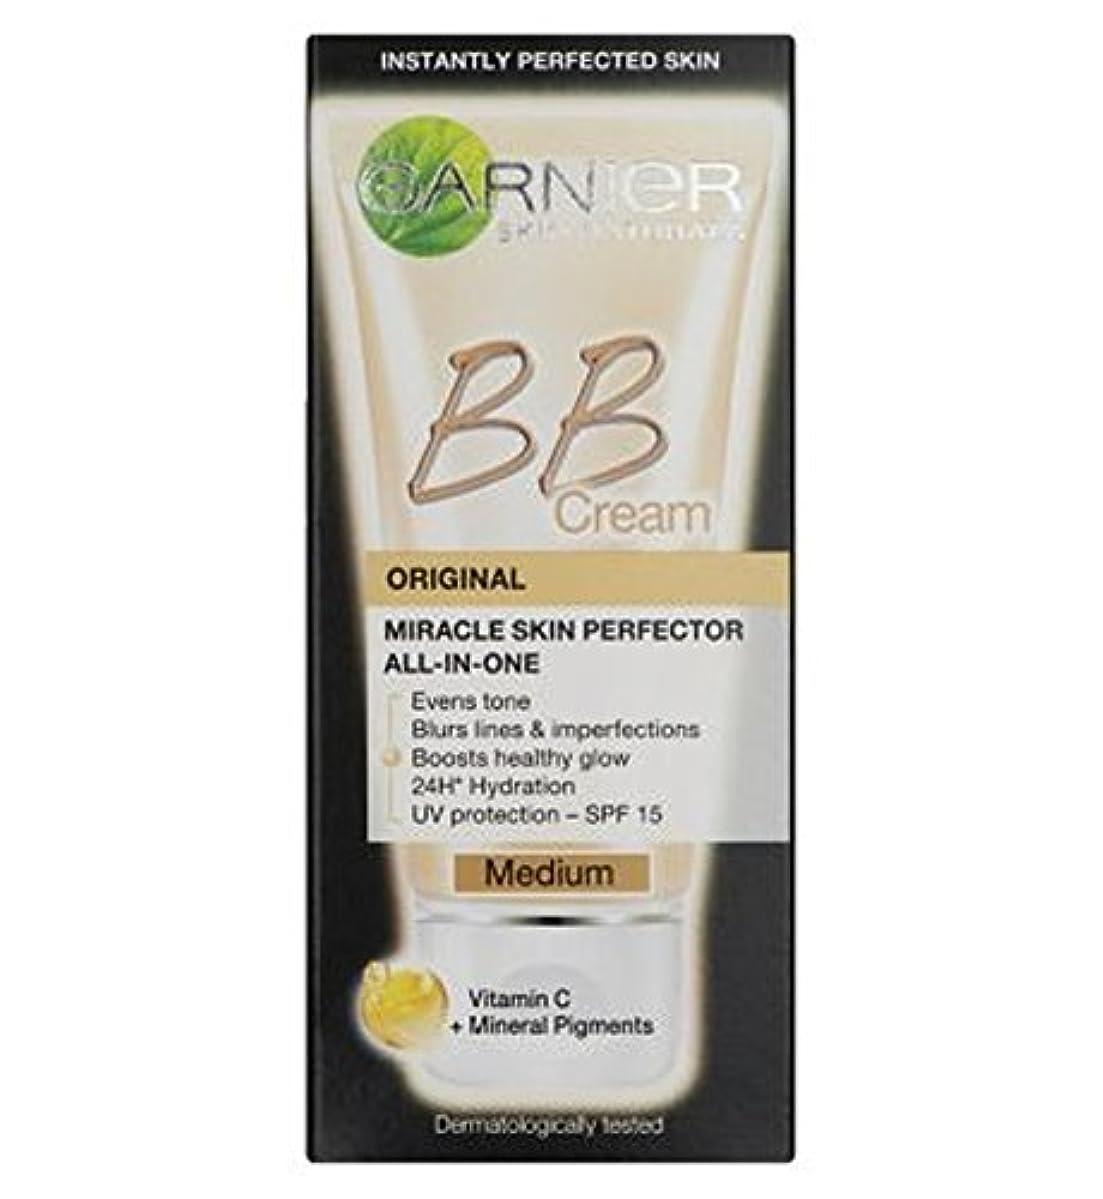 スキャン補正出口毎日オールインワンB.B.ガルニエスキンパーフェク傷バームクリーム培地50ミリリットル (Garnier) (x2) - Garnier Skin Perfector Daily All-In-One B.B. Blemish...